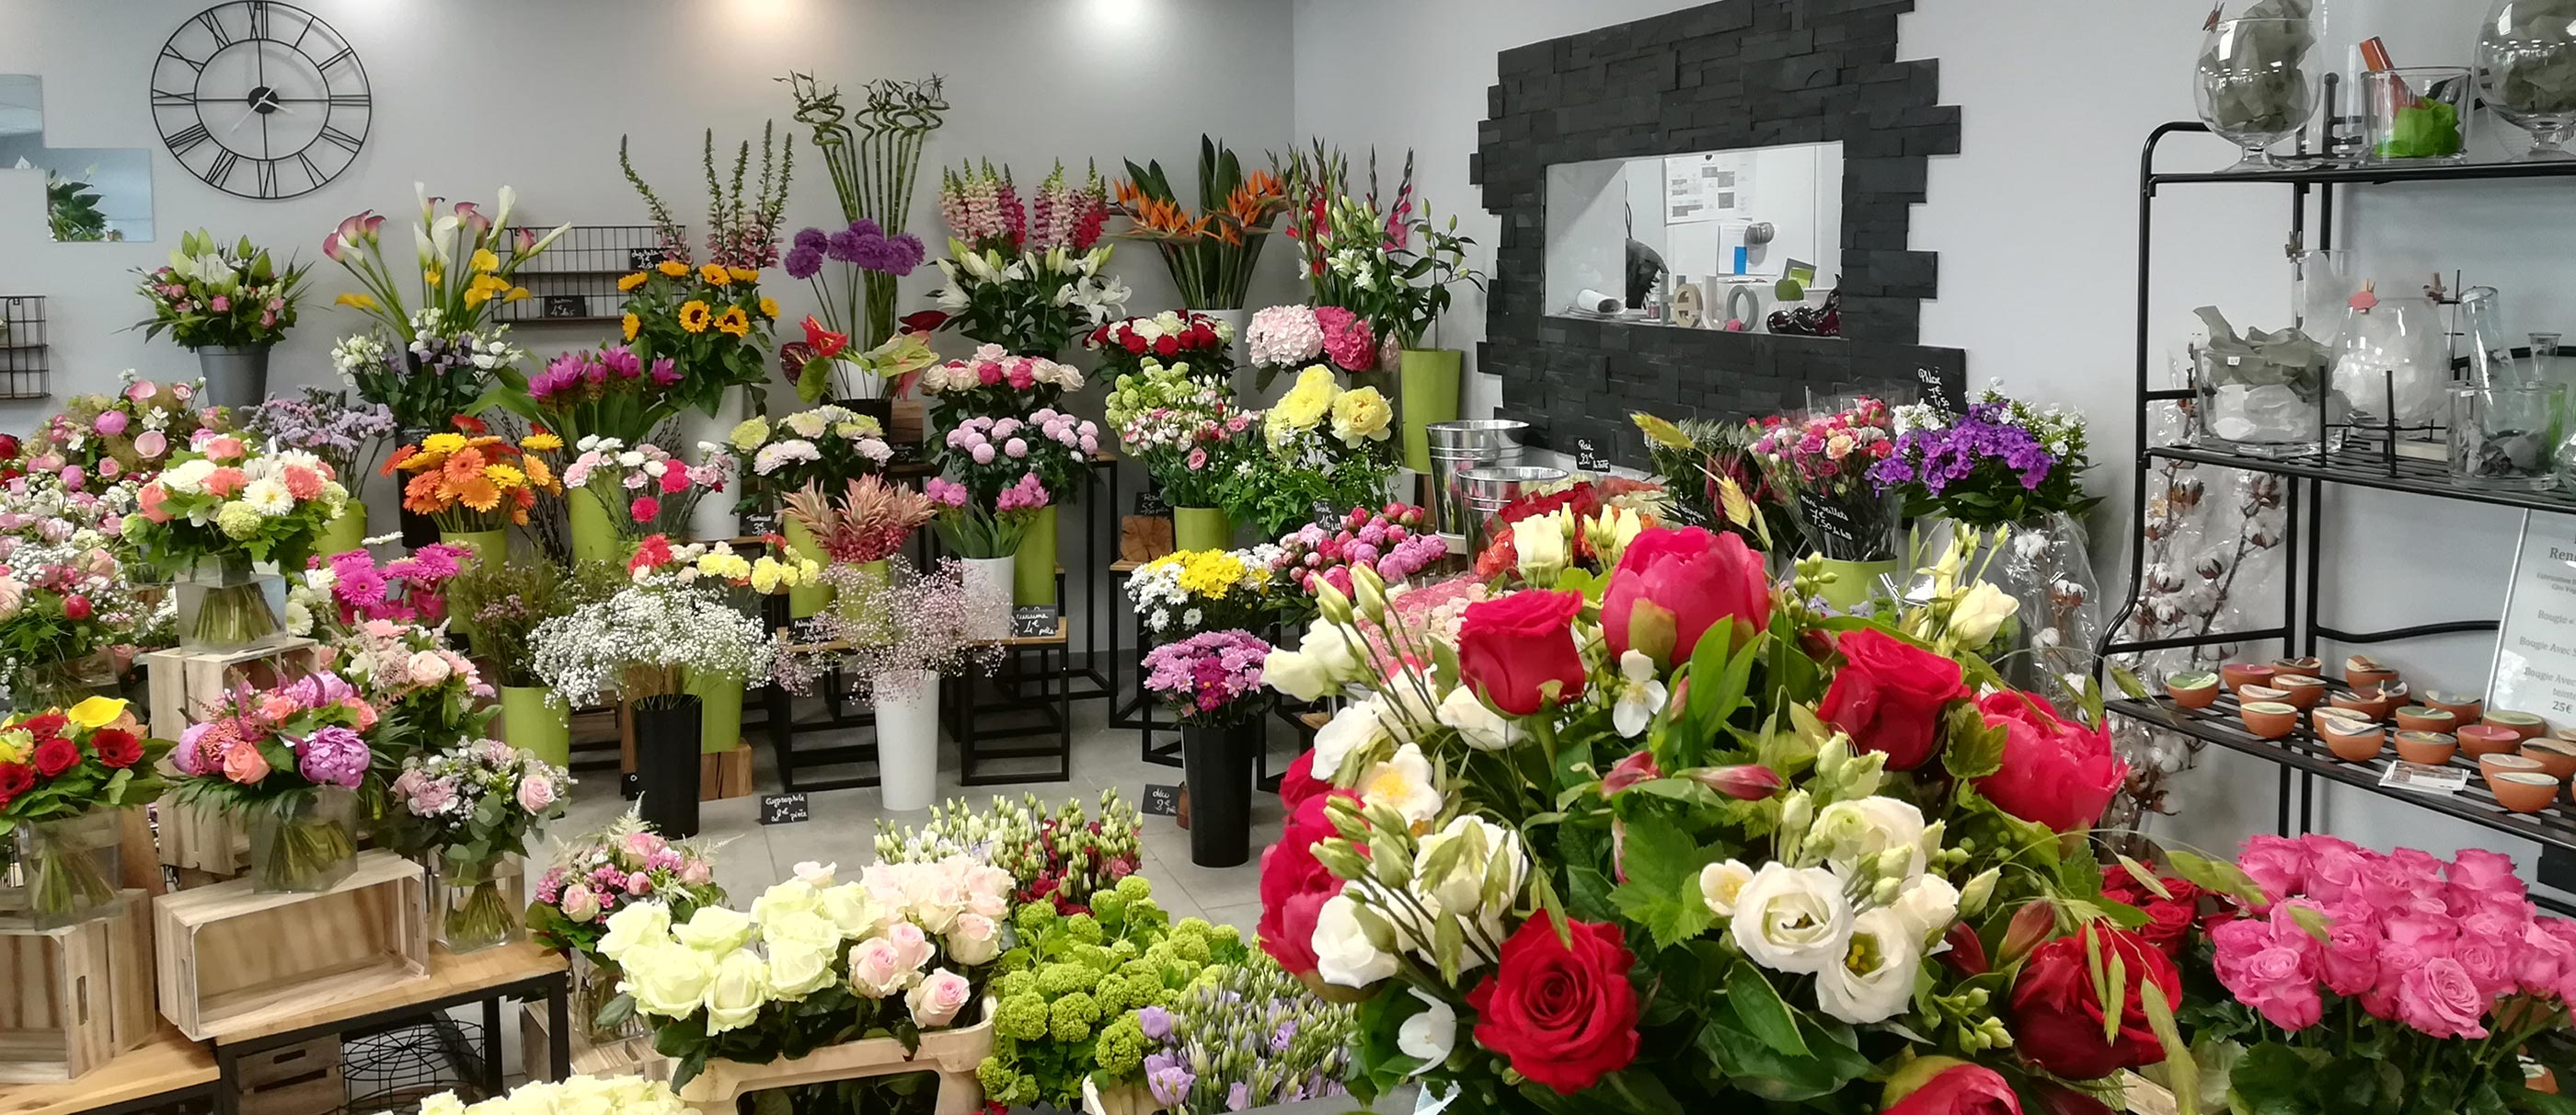 Florist : Un jour une fleur